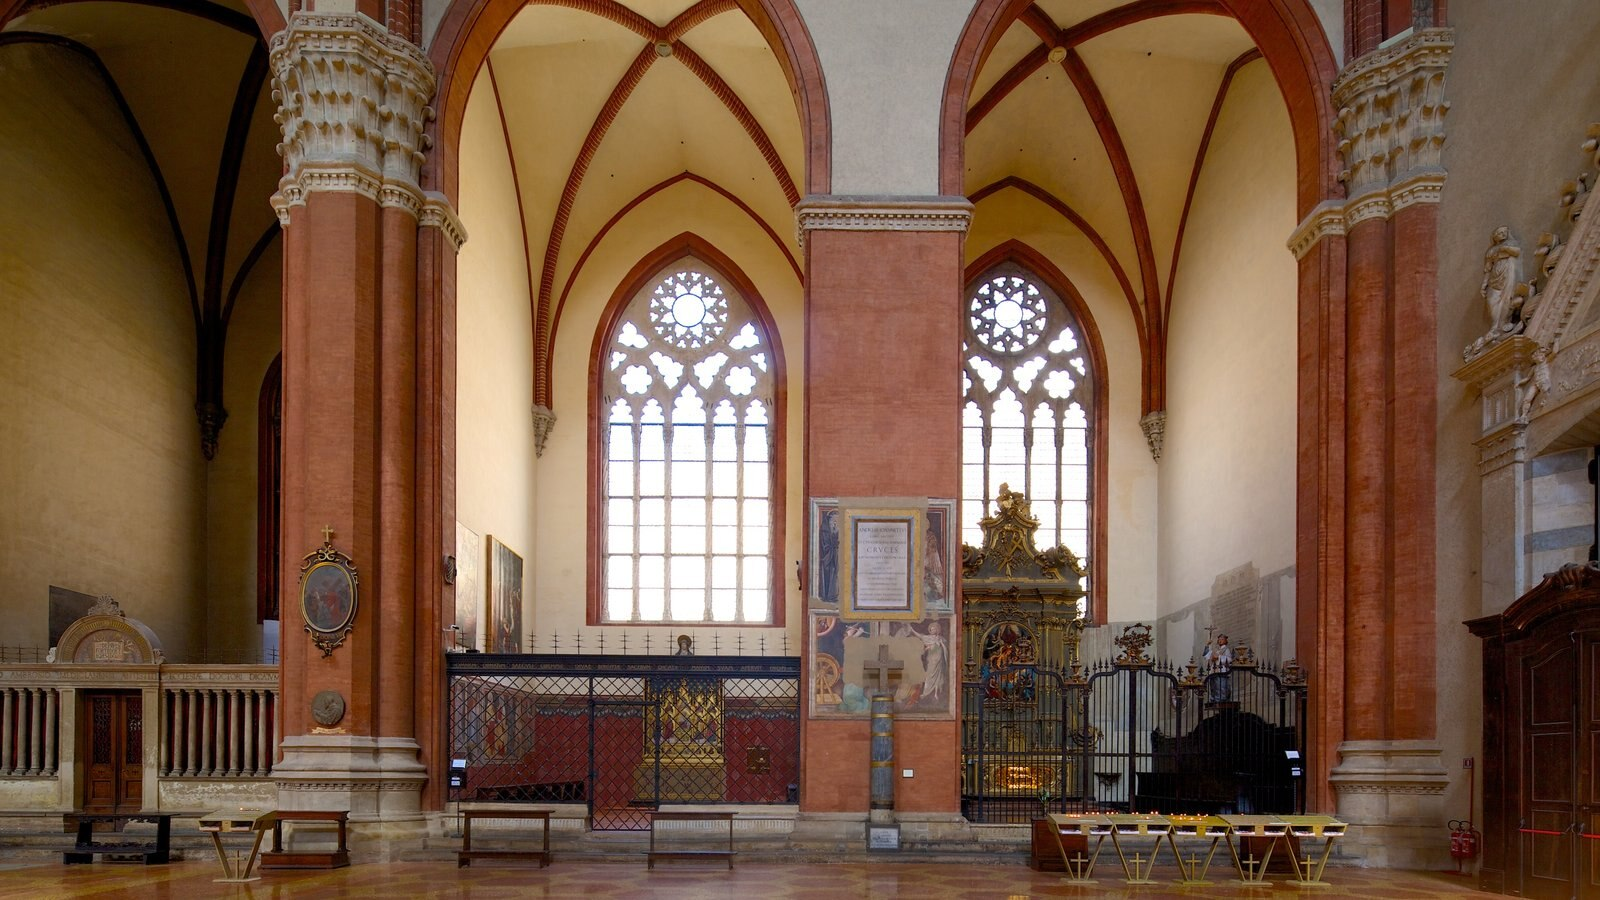 Basilica S. Petronio caracterizando vistas internas, aspectos religiosos e uma igreja ou catedral